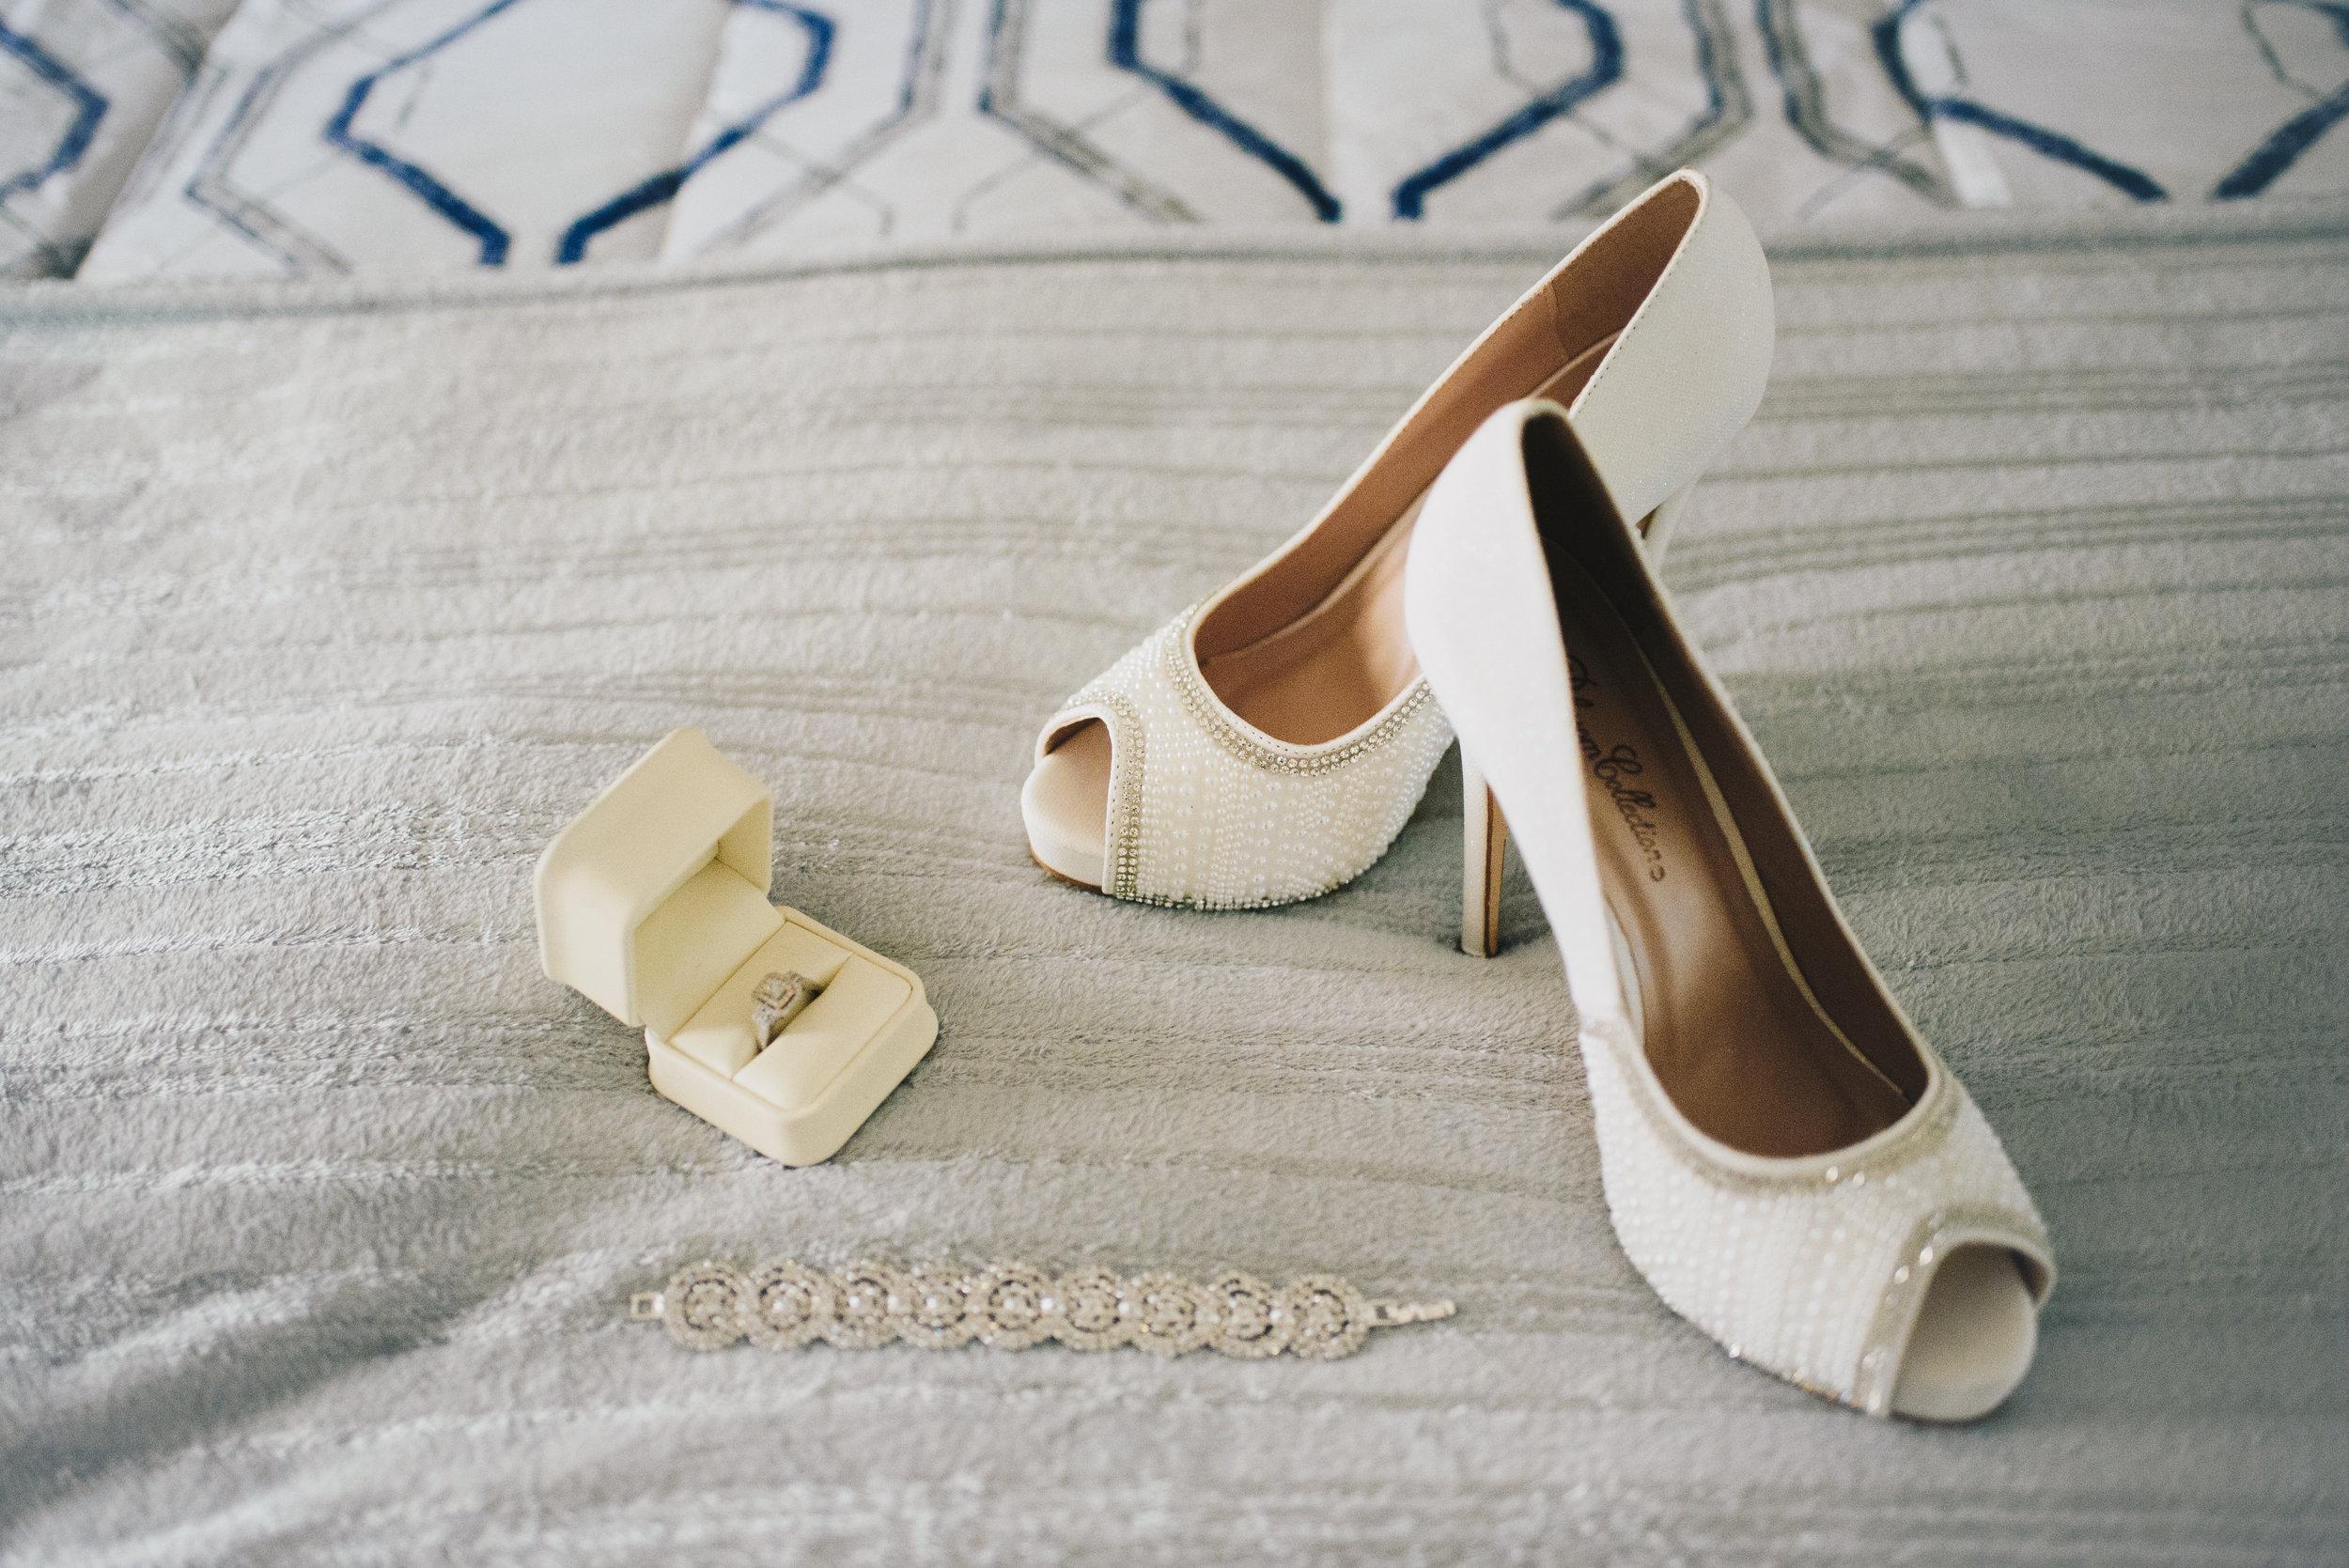 Los-Vargas-Photo-Wedding-Vow-Renewal-Central-Florida-3.jpg